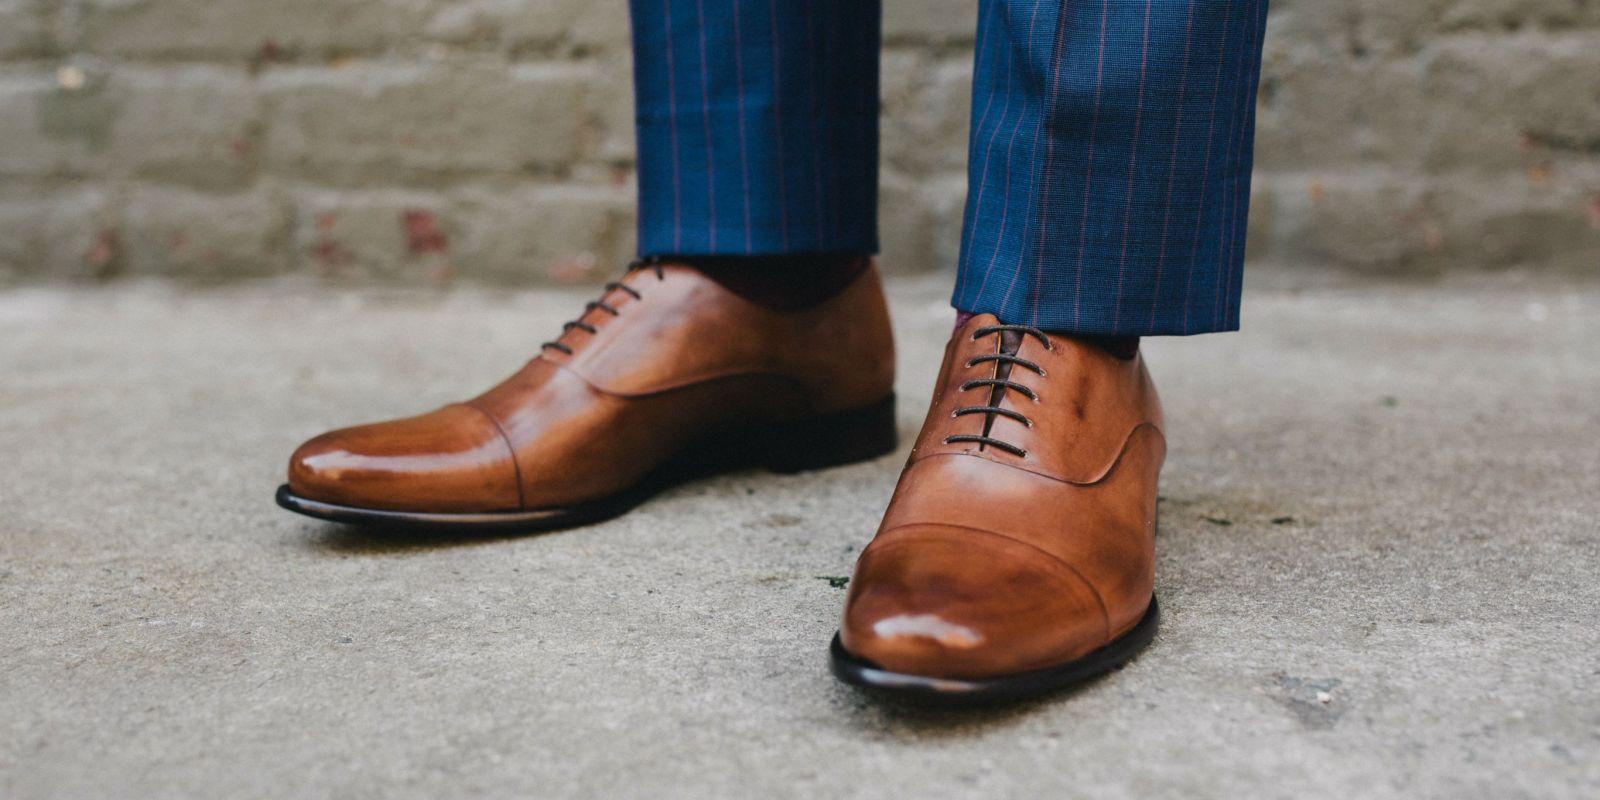 Giày Cưới Nam Đẹp Cho Chú Rể- 5 Mẫu Giày Đẹp Cho Chú Rể